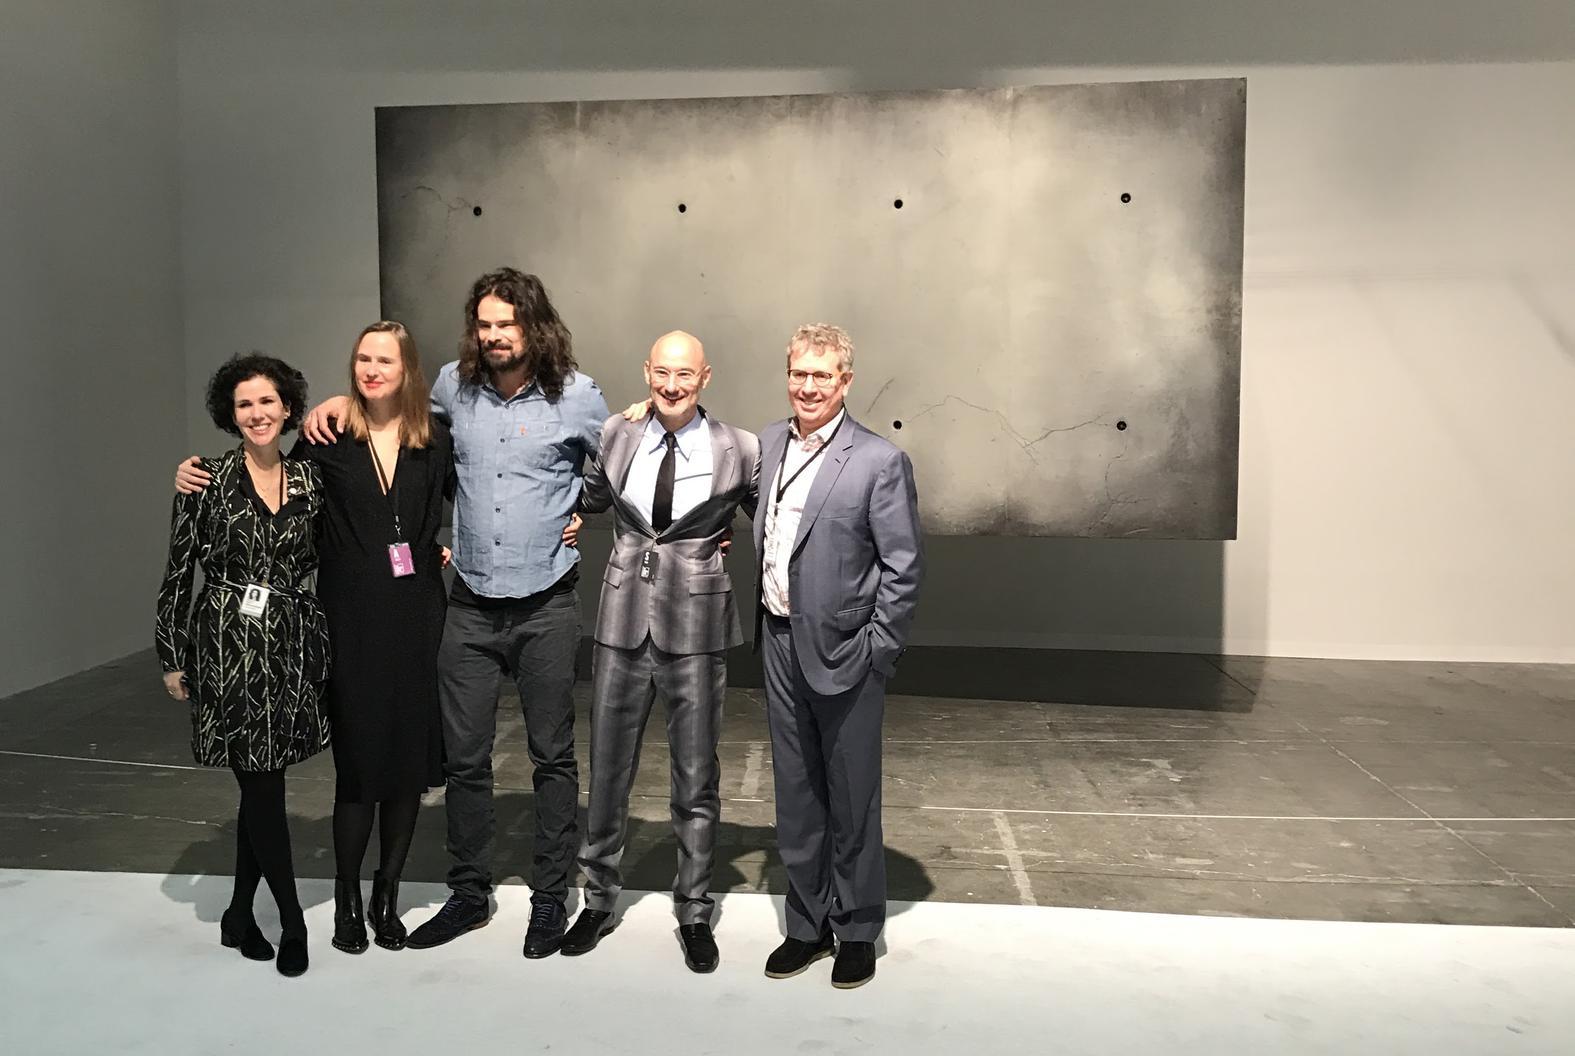 Vertegenwoordigers van de Pace Gallery poseren met Ralph Nauta en Lonneke Gordijn van Studio Drift, Armory Show directeur Benjamin Genocchio en Platform curator Eric Shiner